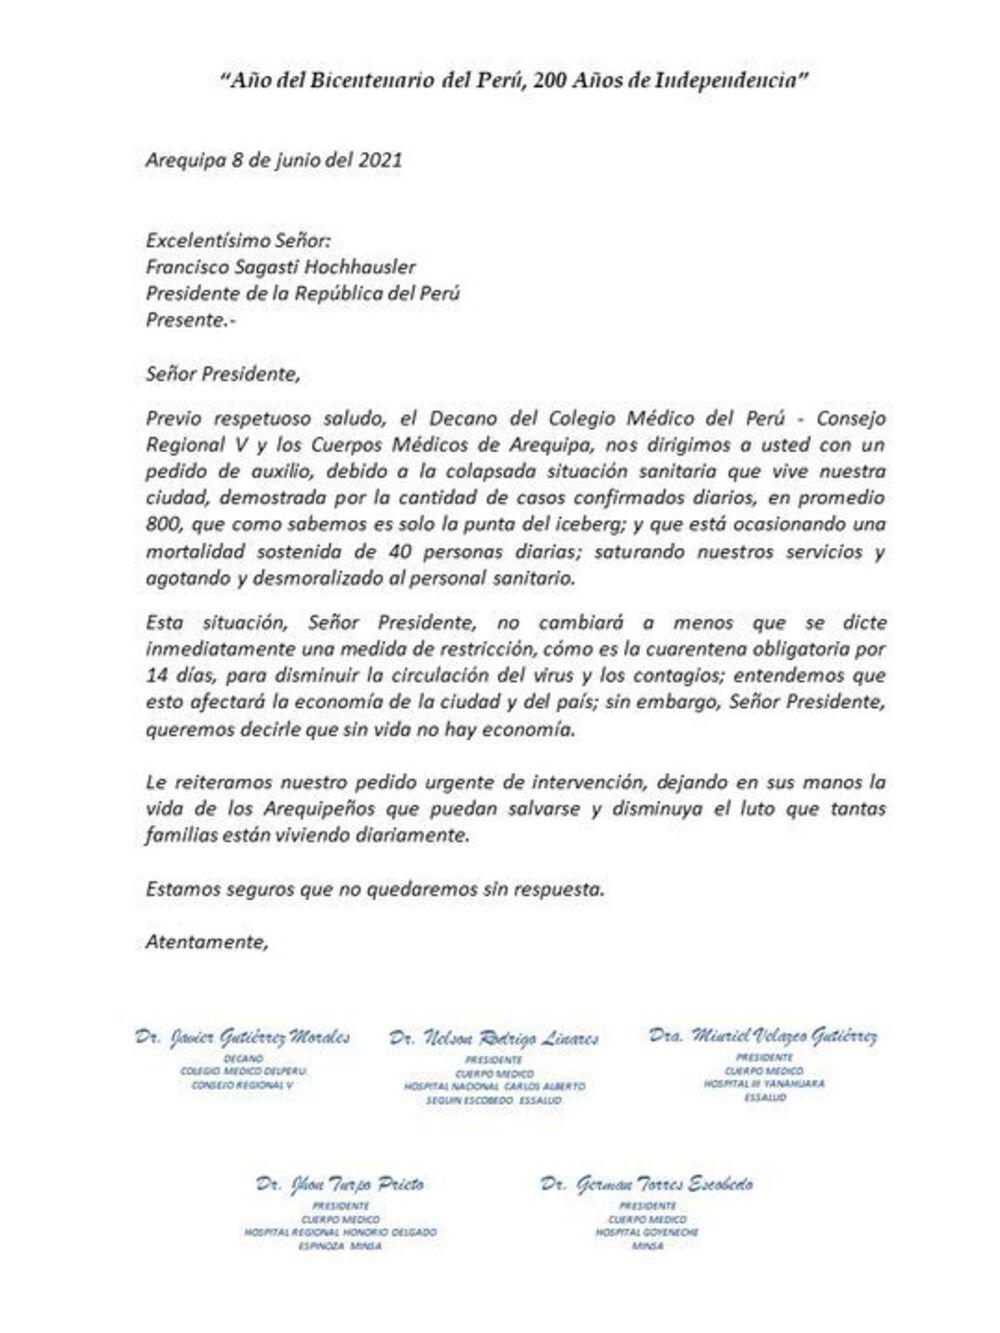 Documento donde los representantes de los cuerpos médicos de los hospitales Honorio Delgado Espinoza, Yanahuara III, Goyeneche y Carlos Alberto Seguín Escobedo solicitaron poner en cuarentena a toda la región por 14 días.